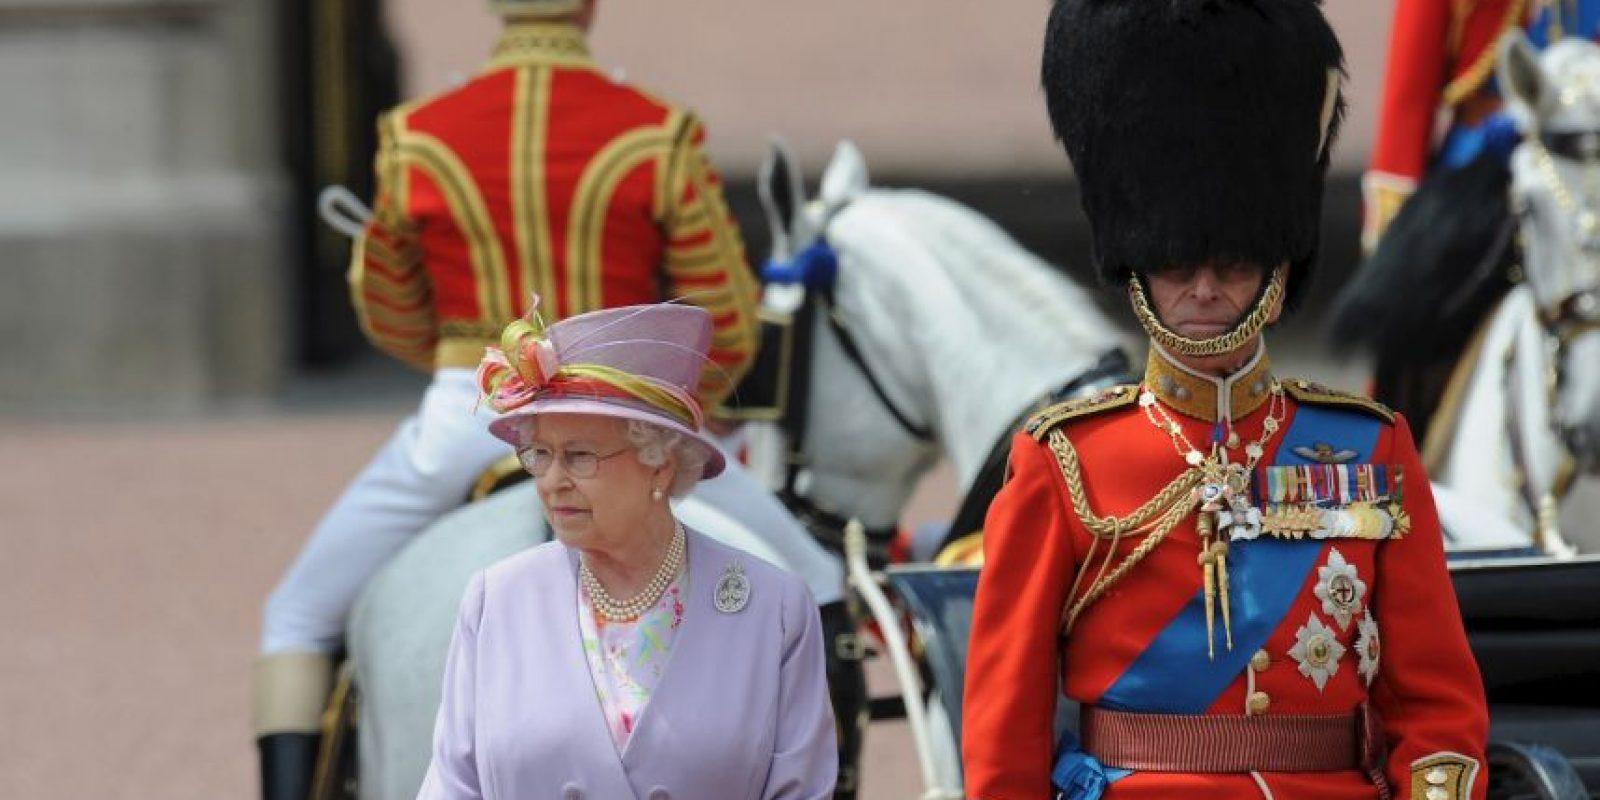 El cambio de guardia se celebra en la entrada principal del palacio de Buckingham Foto:Getty Images